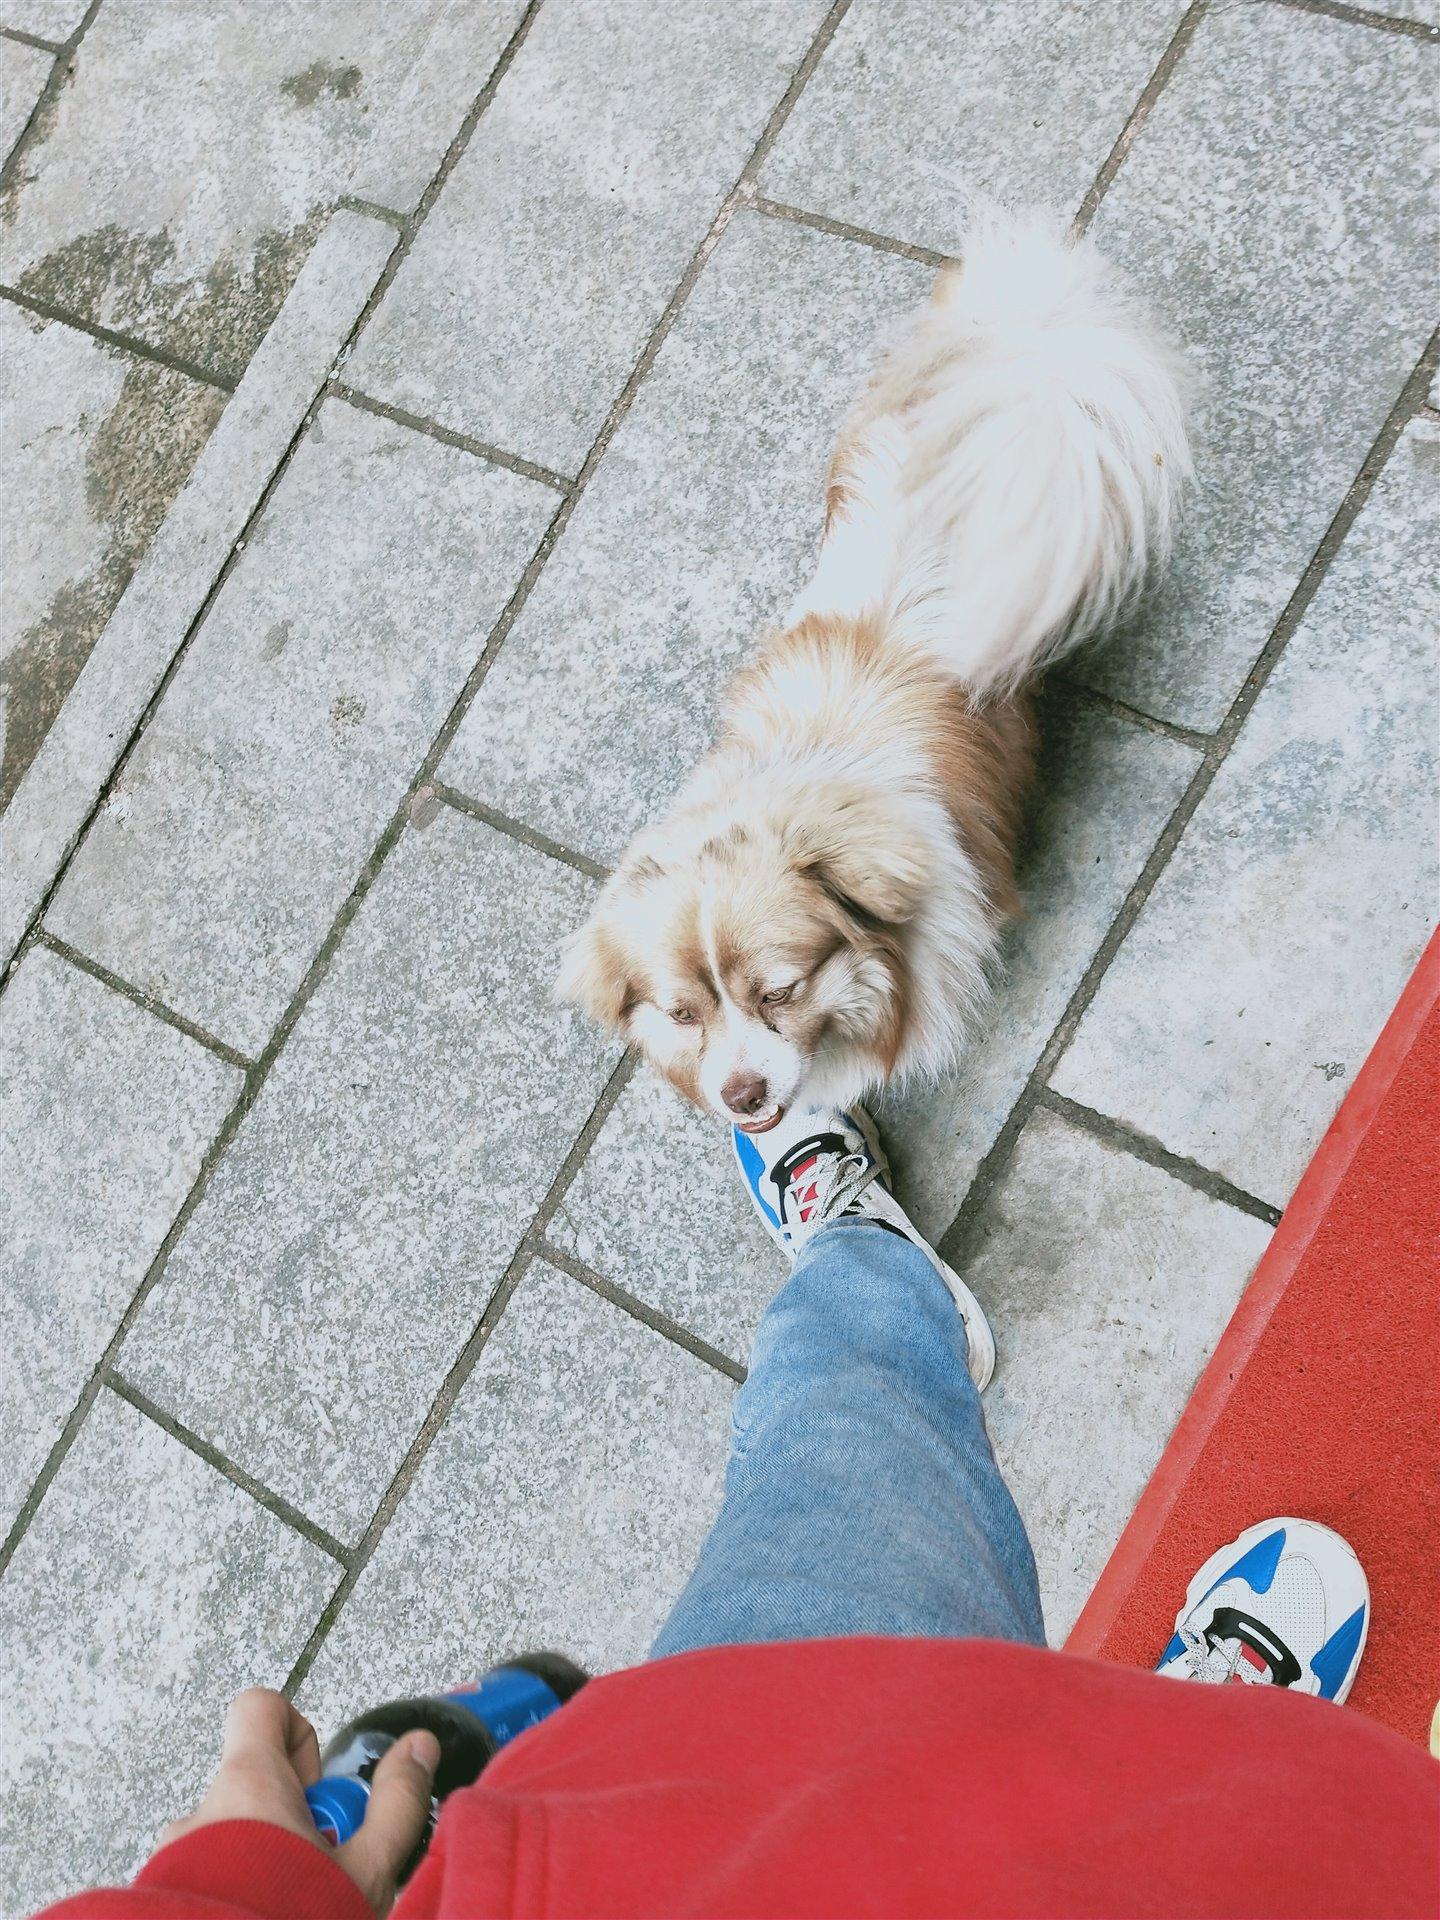 世昌广场  一只没人要的狗